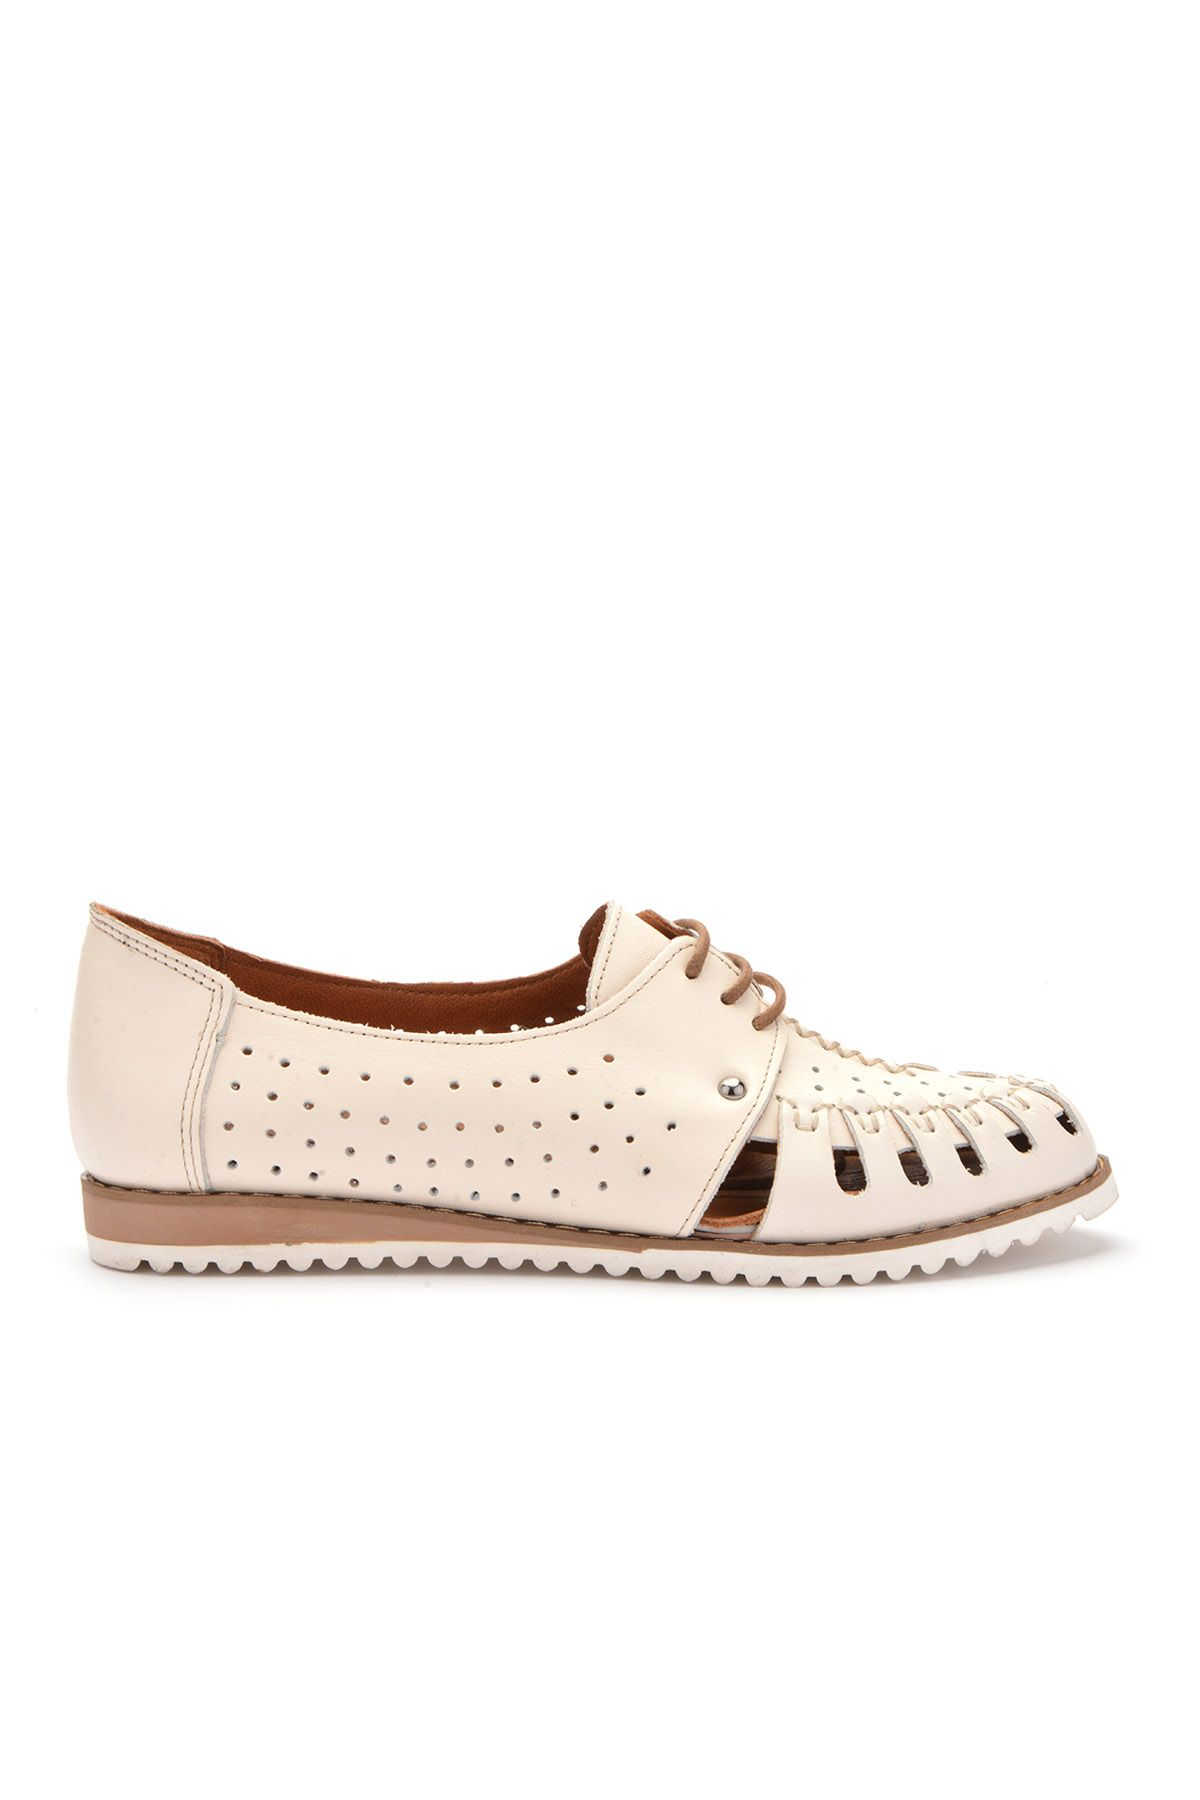 Pegia Hakiki Deri Bağcıklı Bayan Ayakkabı REC-123 Beyaz